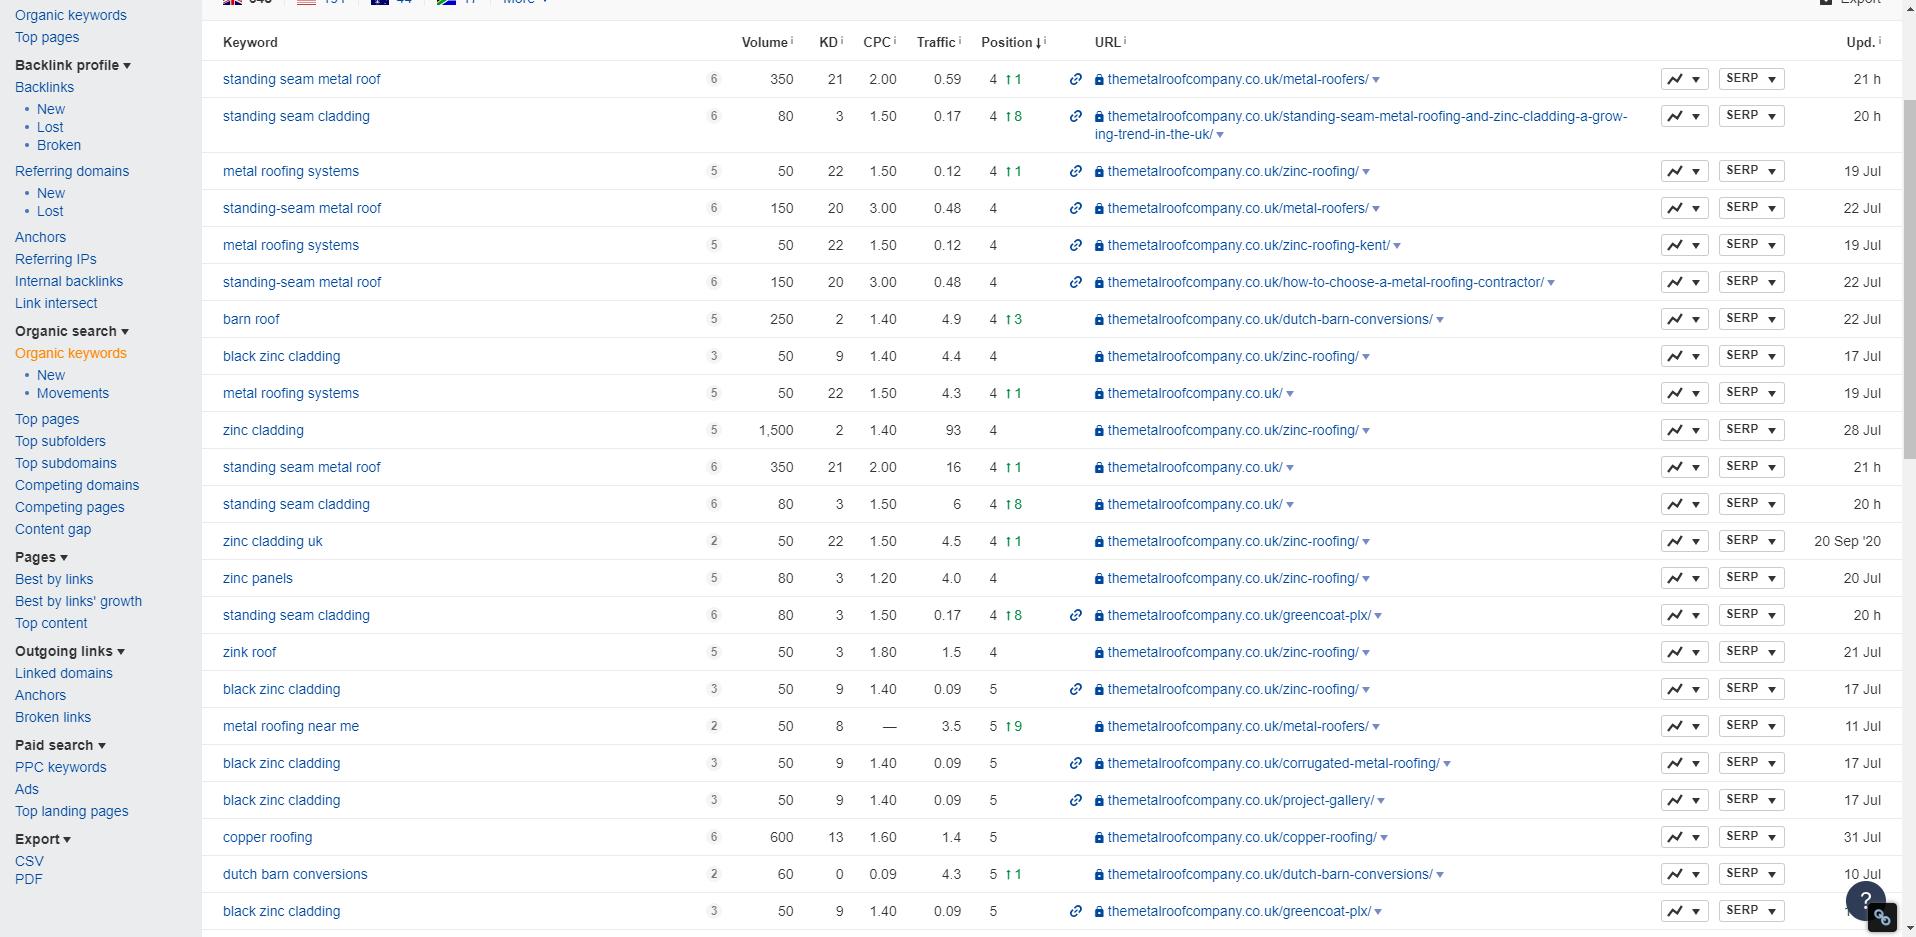 Rankings 3